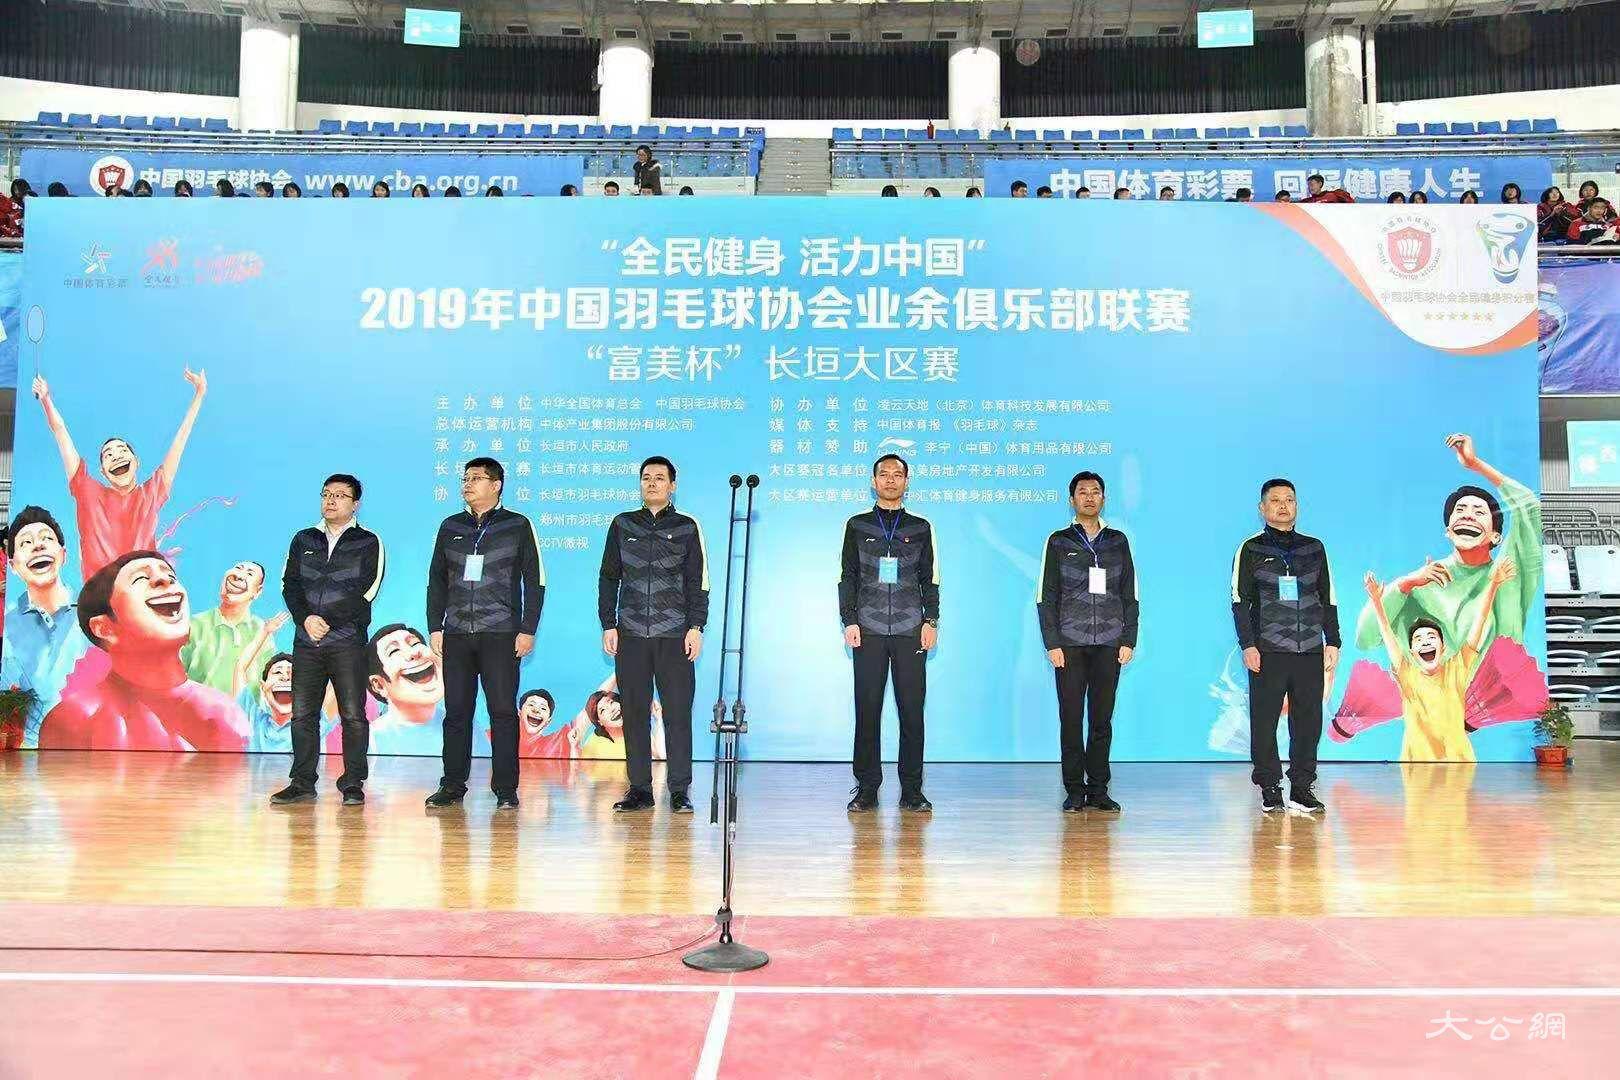 中國羽毛球協會業余俱樂部聯賽長垣大區賽收官